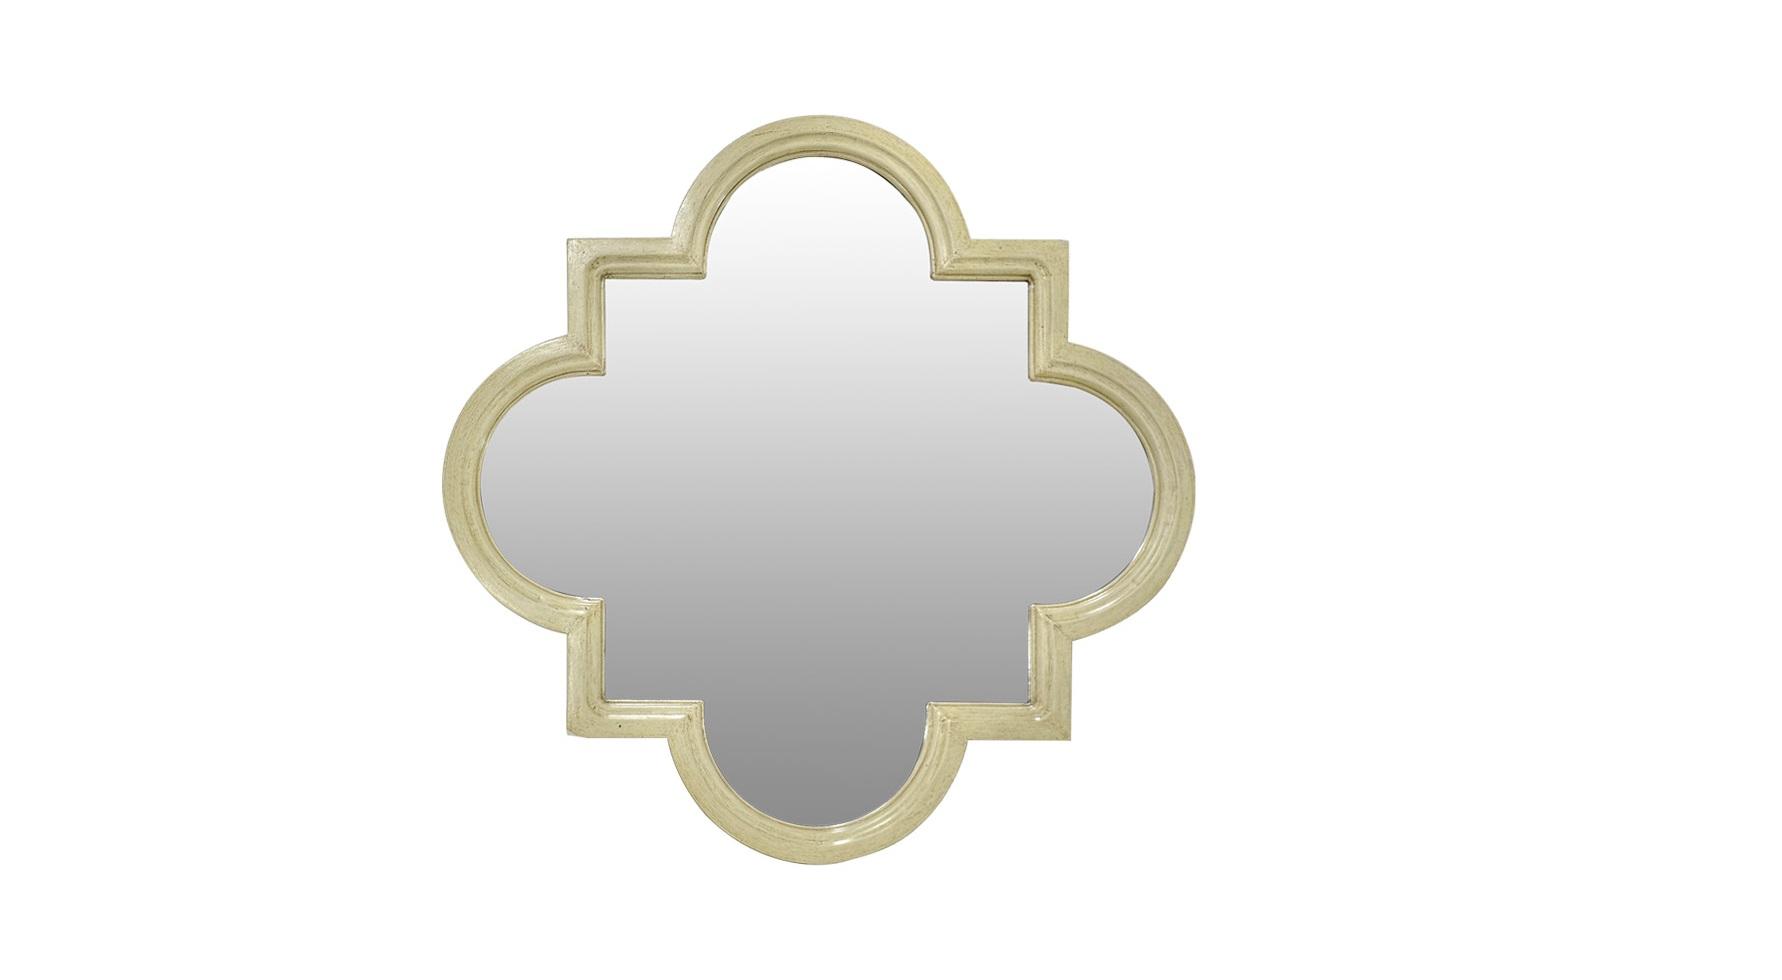 Зеркало Fez MirrorНастенные зеркала<br>Великолепие традиционного византийского орнамента ? четырехлистника или квадрифоля ? положено в основу оформления &amp;quot;Fez Mirror&amp;quot;. Совершенные, цикличные пропорции декора притягивают внимание и завораживают идеальной симметричностью. Сочетание круга и квадрата рождает силуэт, который покоряет античной элегантностью, строгой геометрией и восточным шармом. Деревянная рама делает зеркало идеально подходящим для прованских интерьеров, в которых роскошь встречается с простотой.<br><br>Material: Дерево<br>Width см: 110<br>Depth см: 5<br>Height см: 110